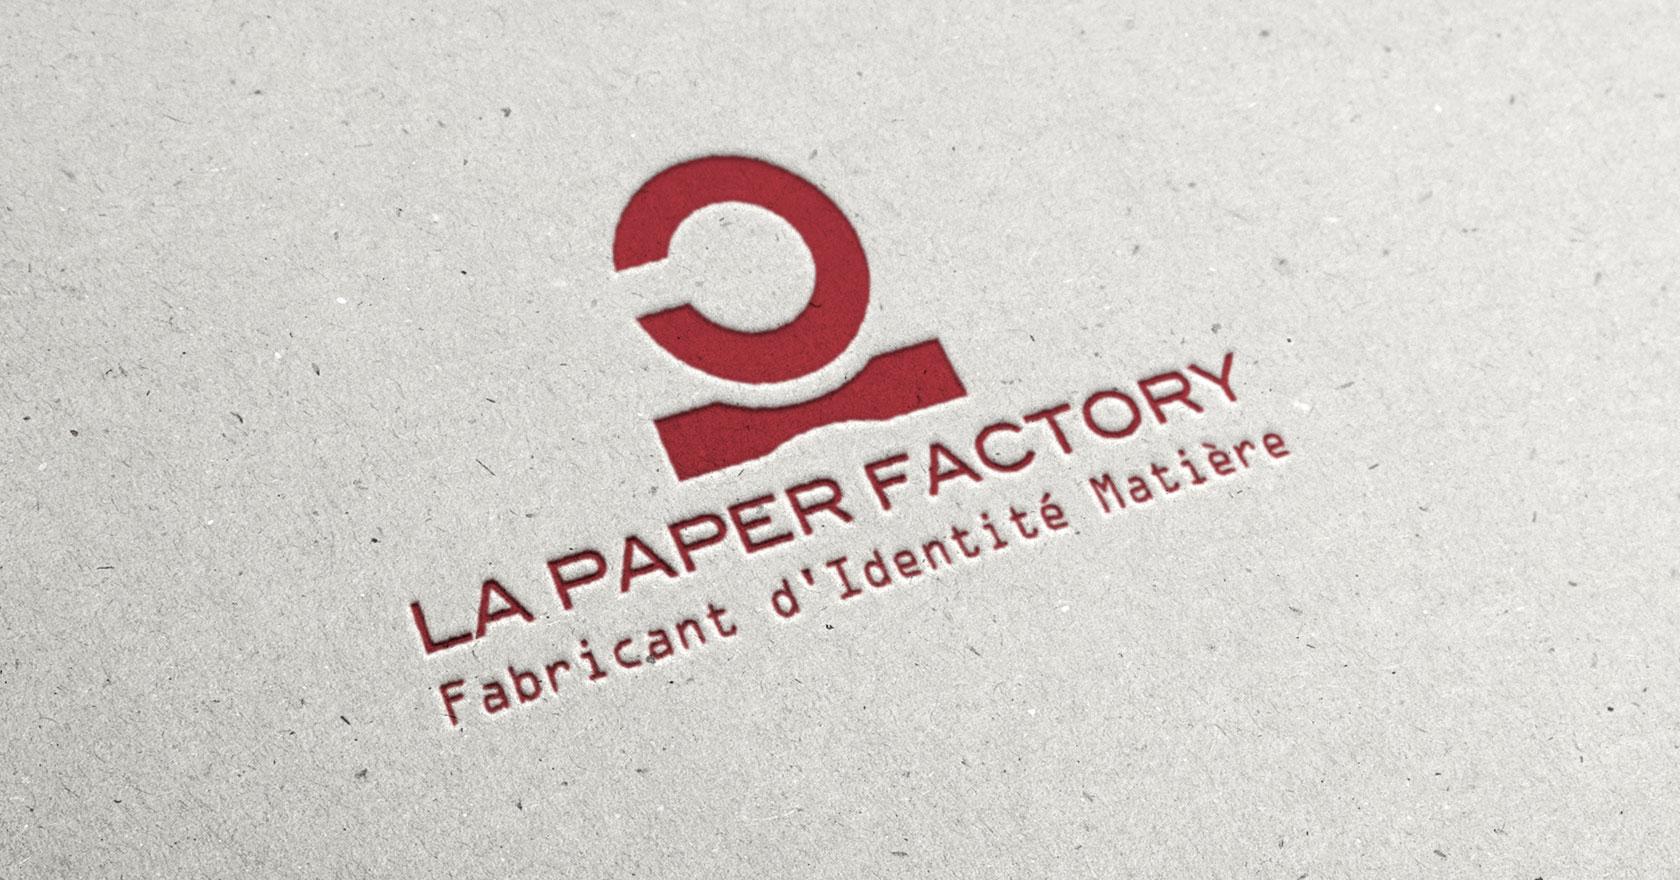 Hop-hope-cas-Paper-factory-positionnement